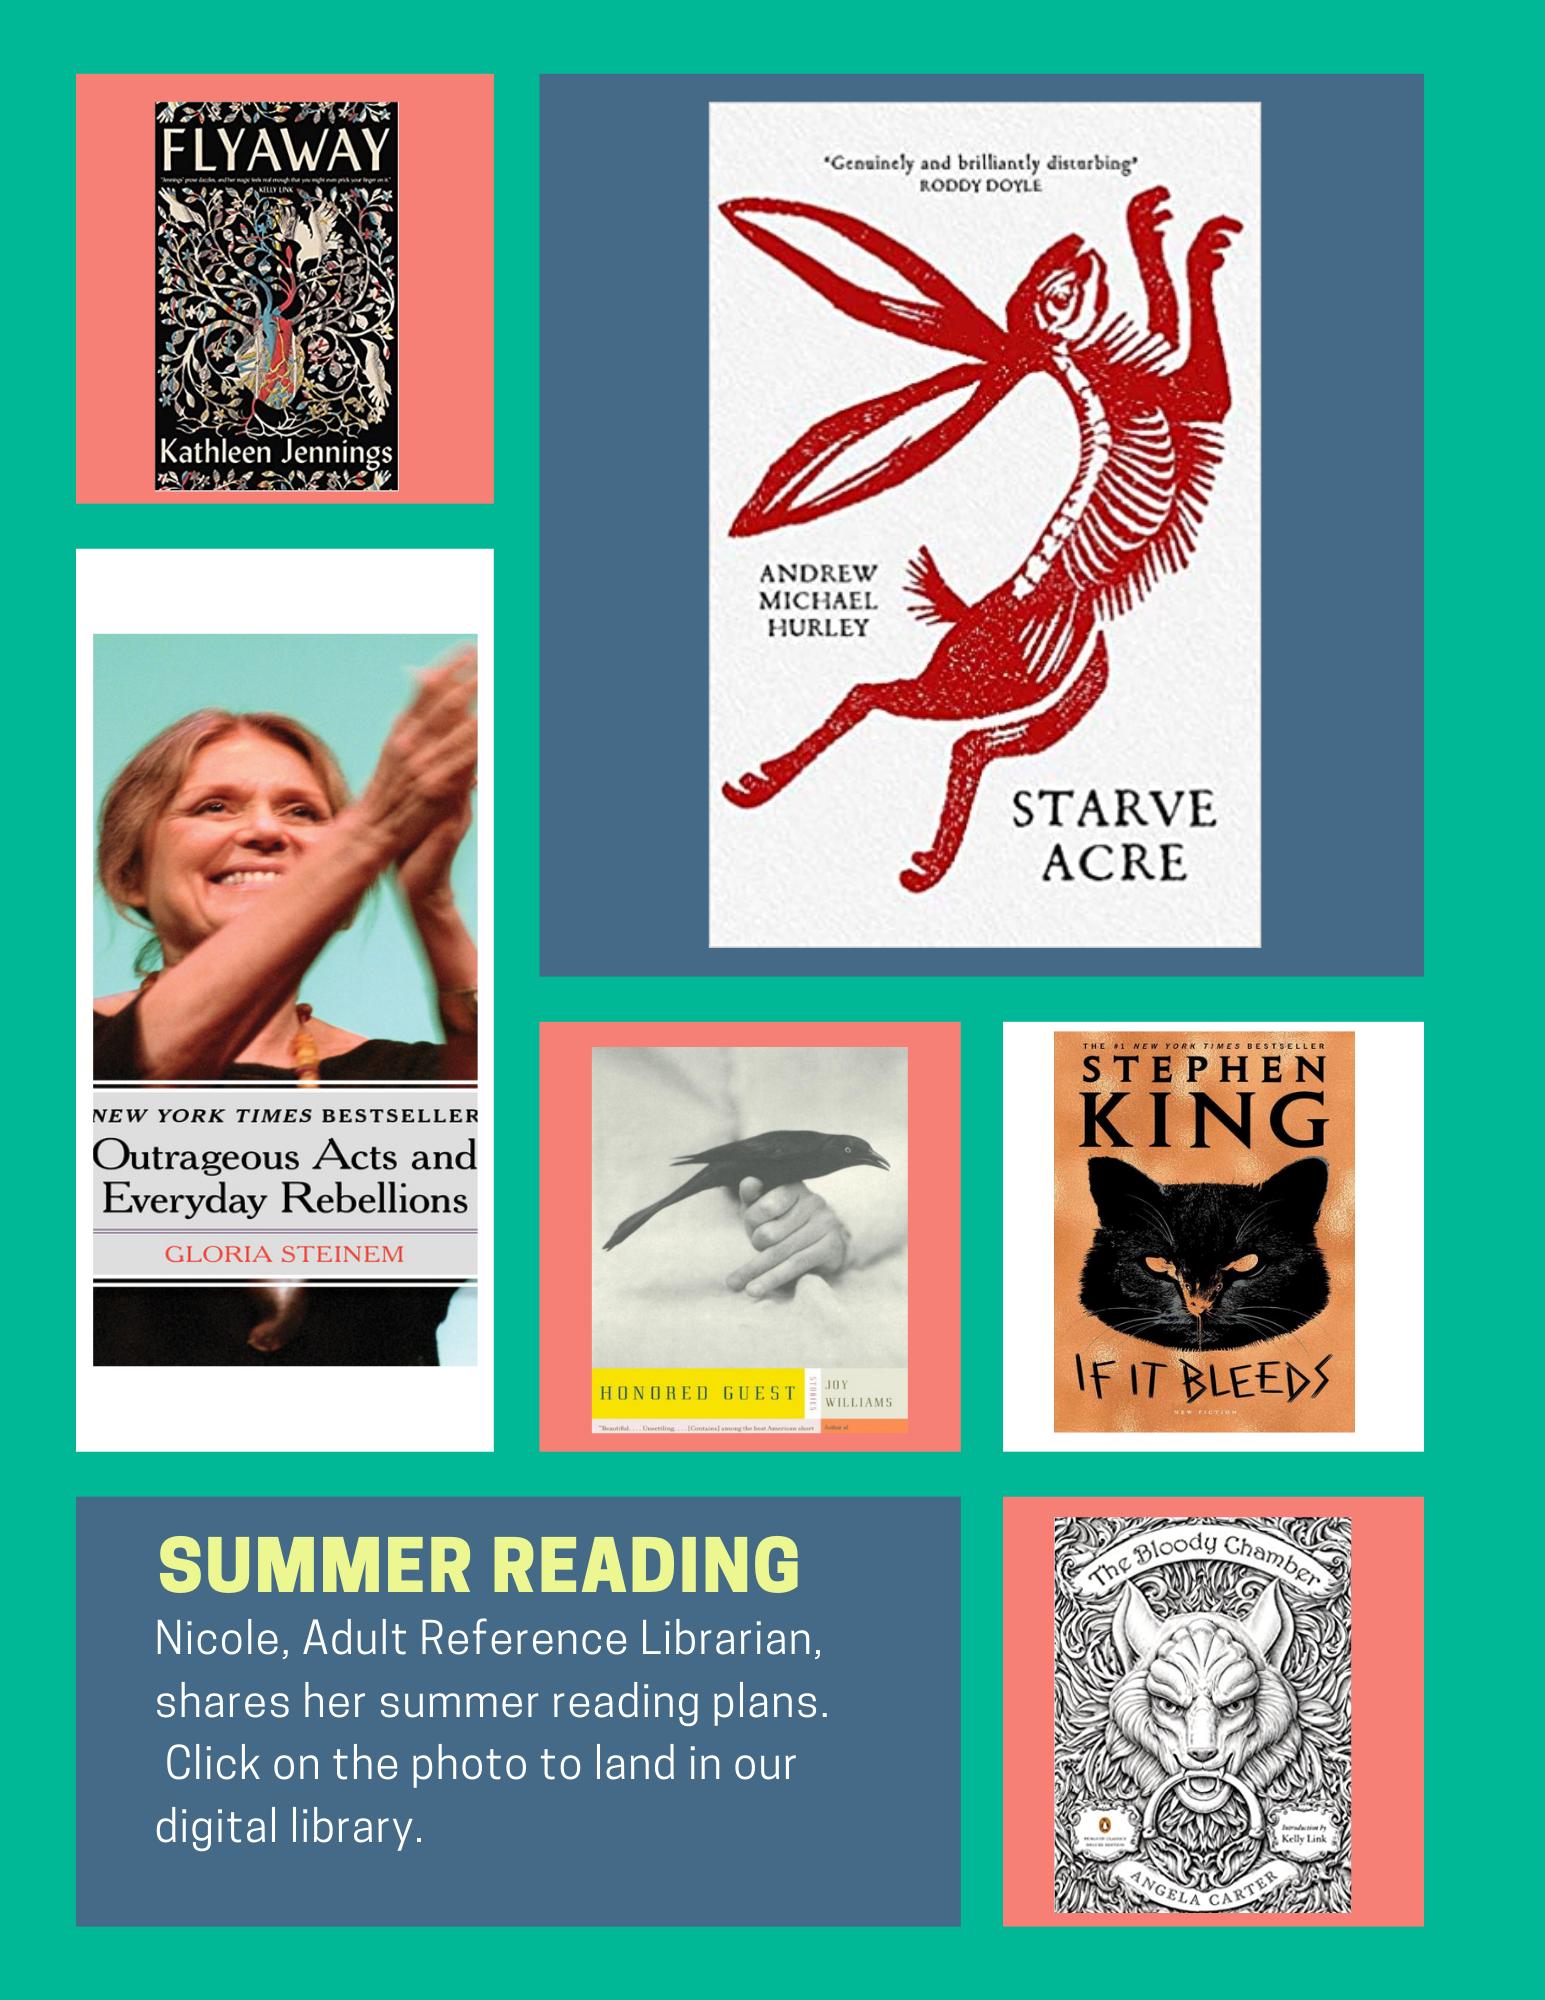 Summer reading (1)